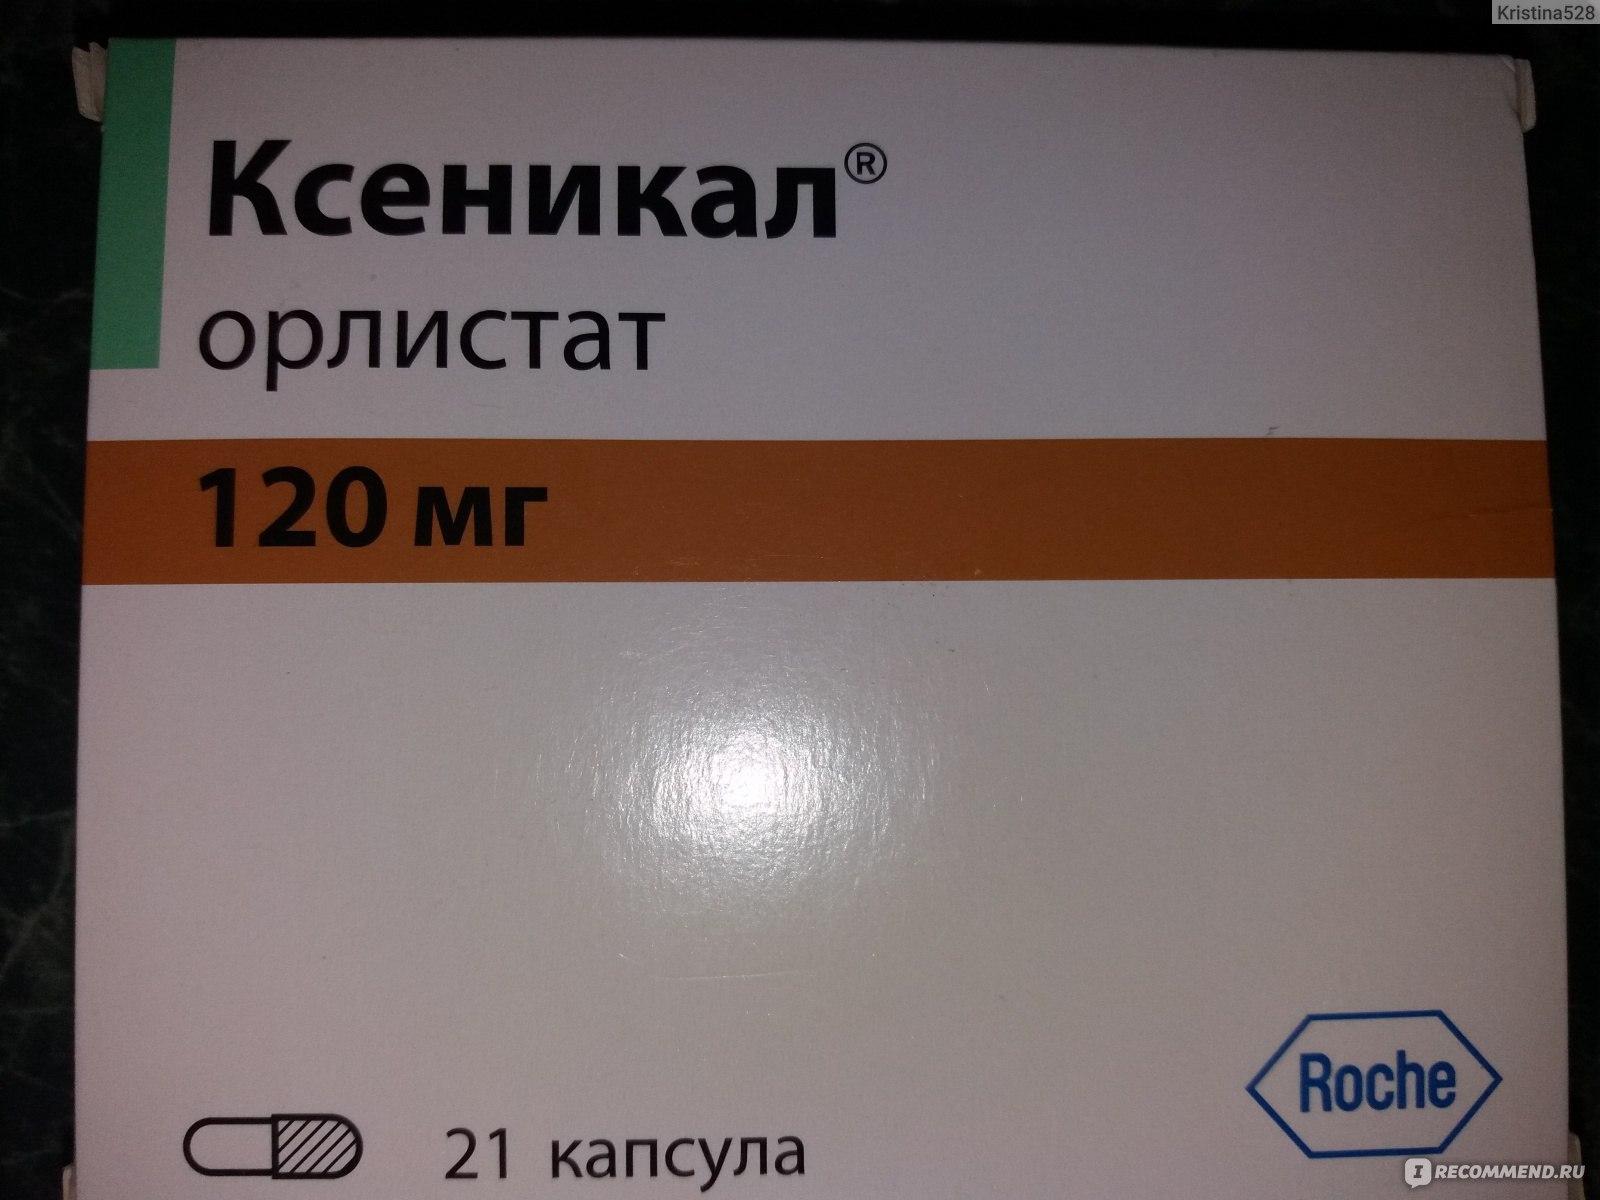 Ксеникал для похудения, отзывы о препарате, применение.